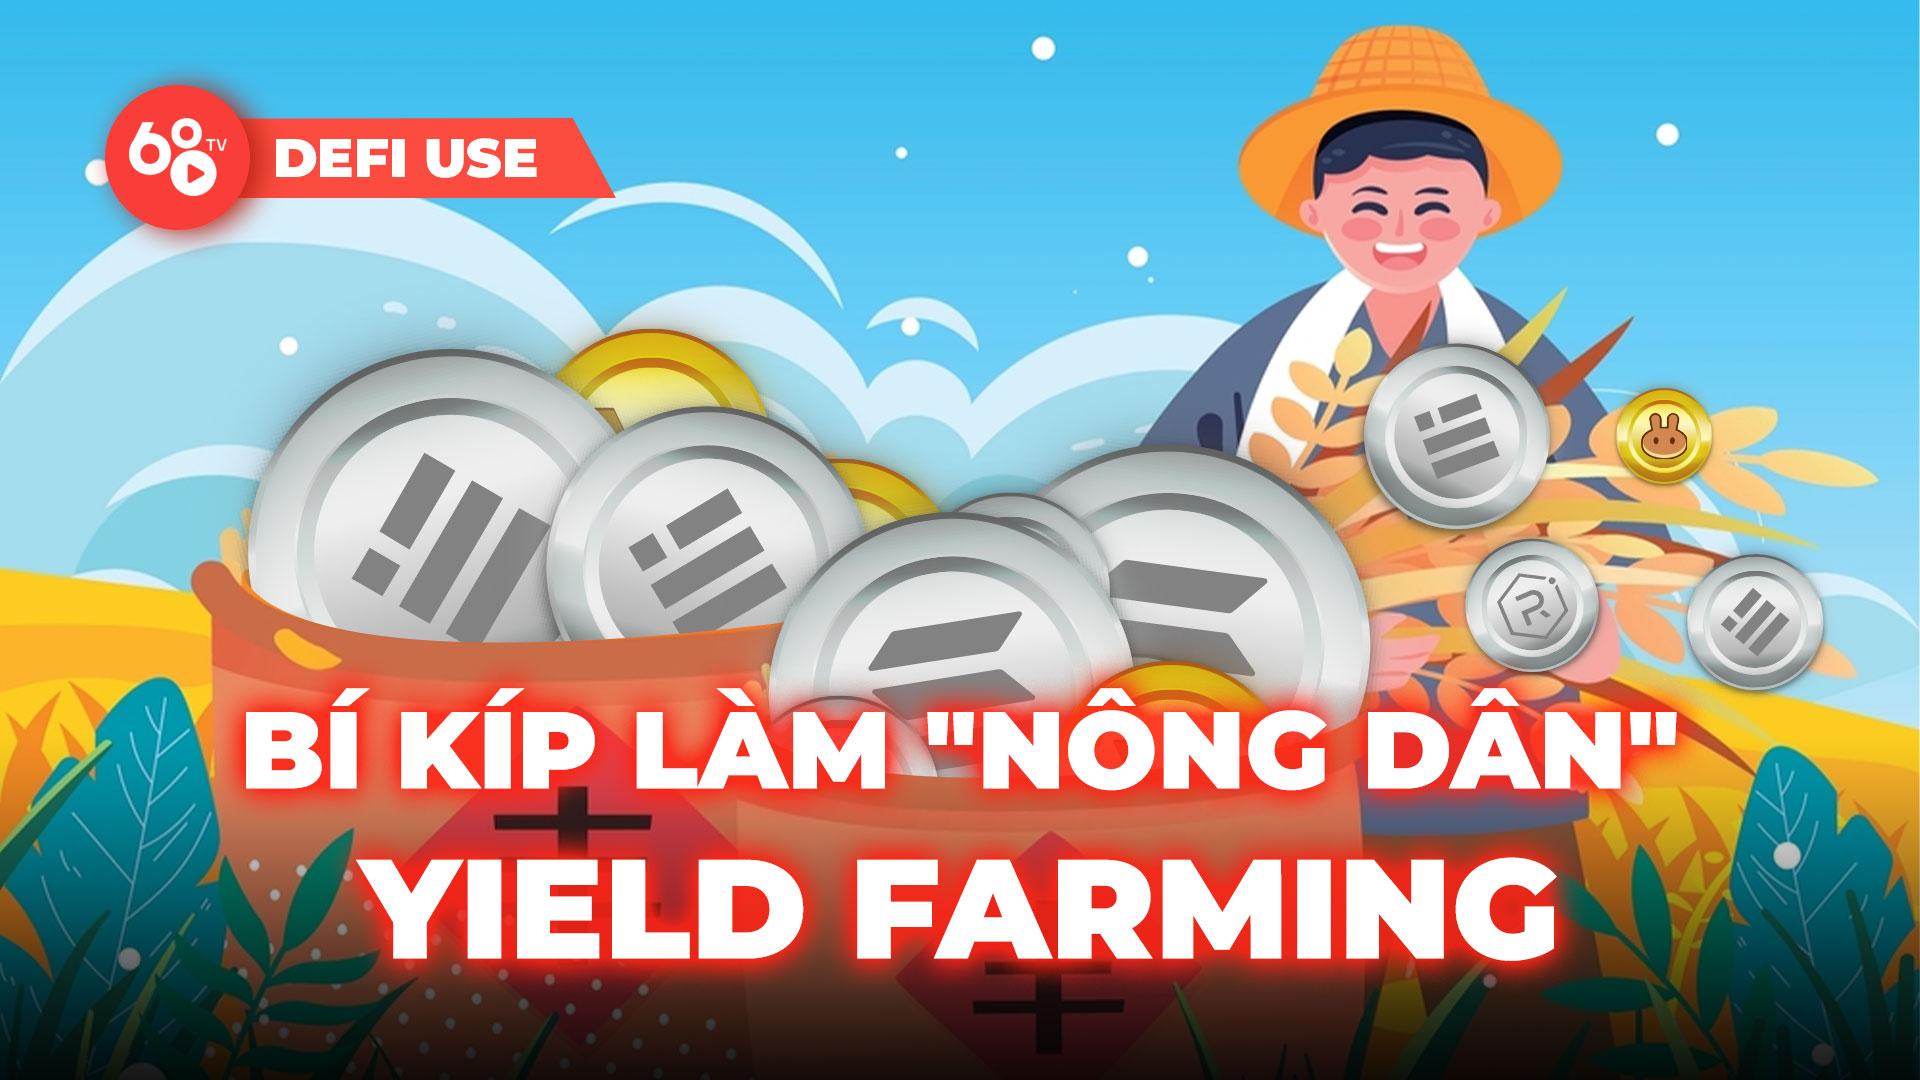 """DeFi Use: Bí kíp làm """"nông dân"""" Yield Farming – Những điều bạn cần biết khi tham gia DeFi Farming"""